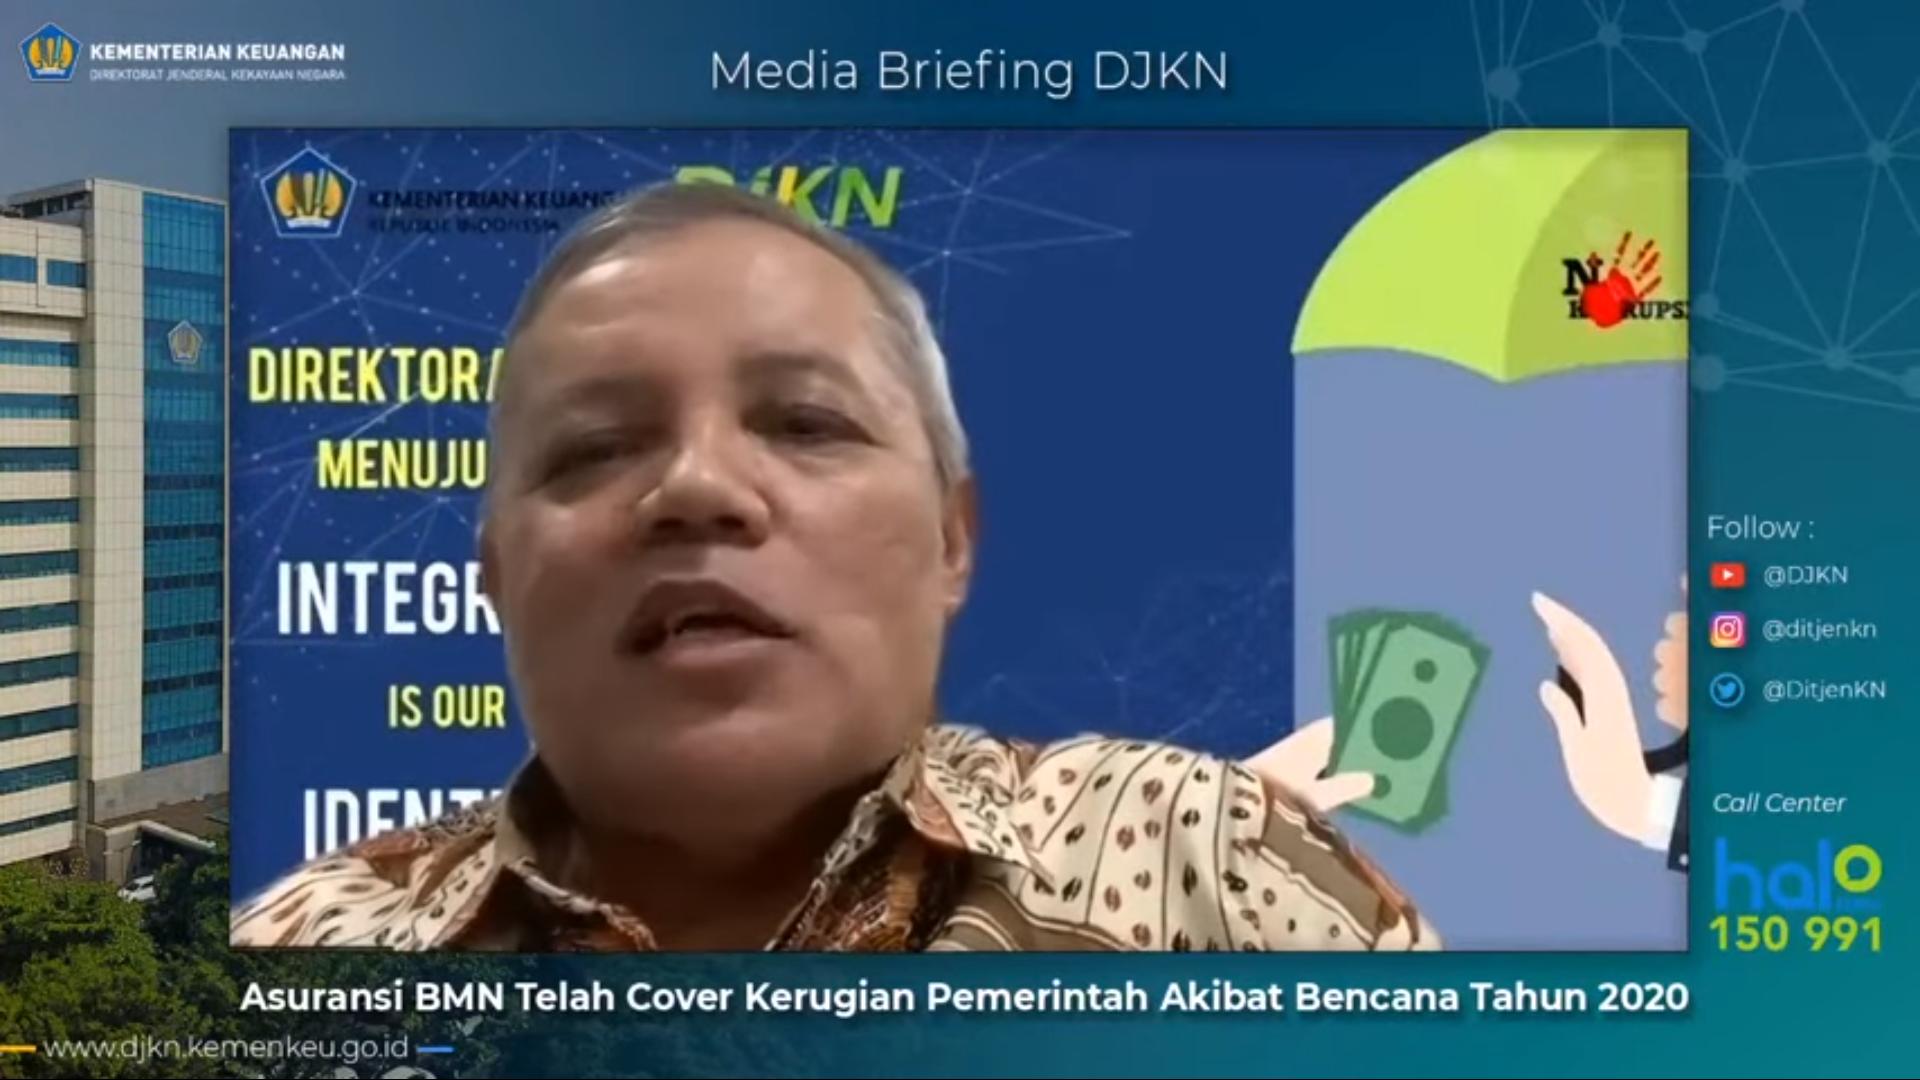 Dampak Gempa Sulawesi Barat Terhadap BMN, Menjadi Perhatian Media Briefing Asuransi BMN